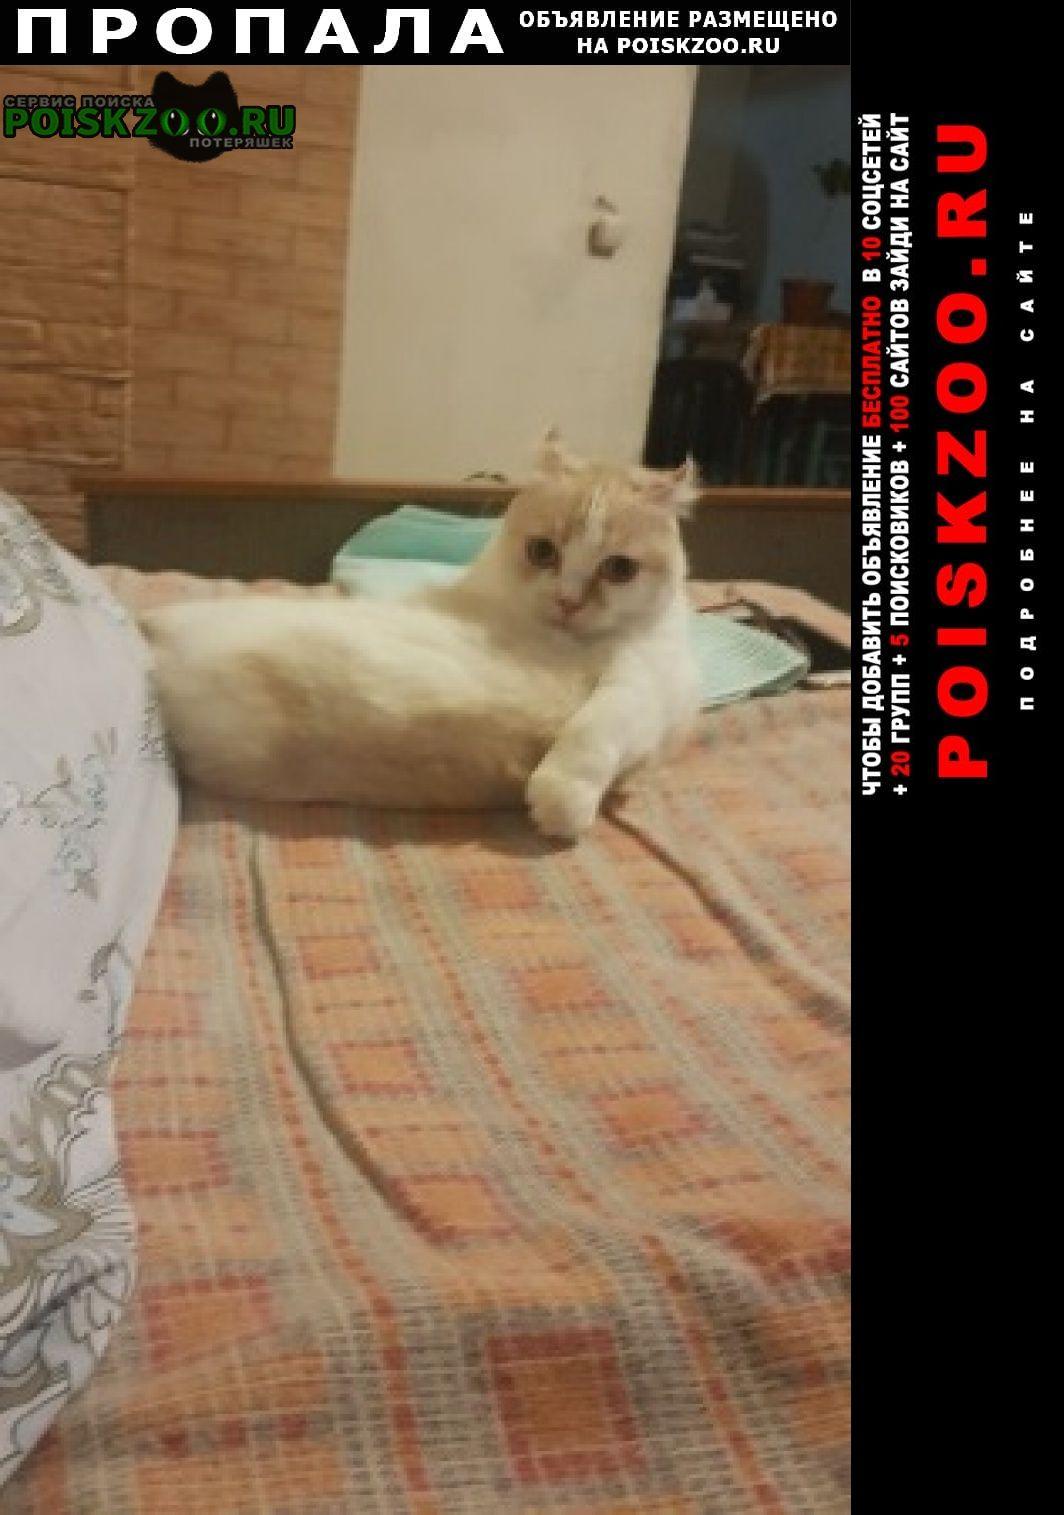 Пропала кошка Владивосток